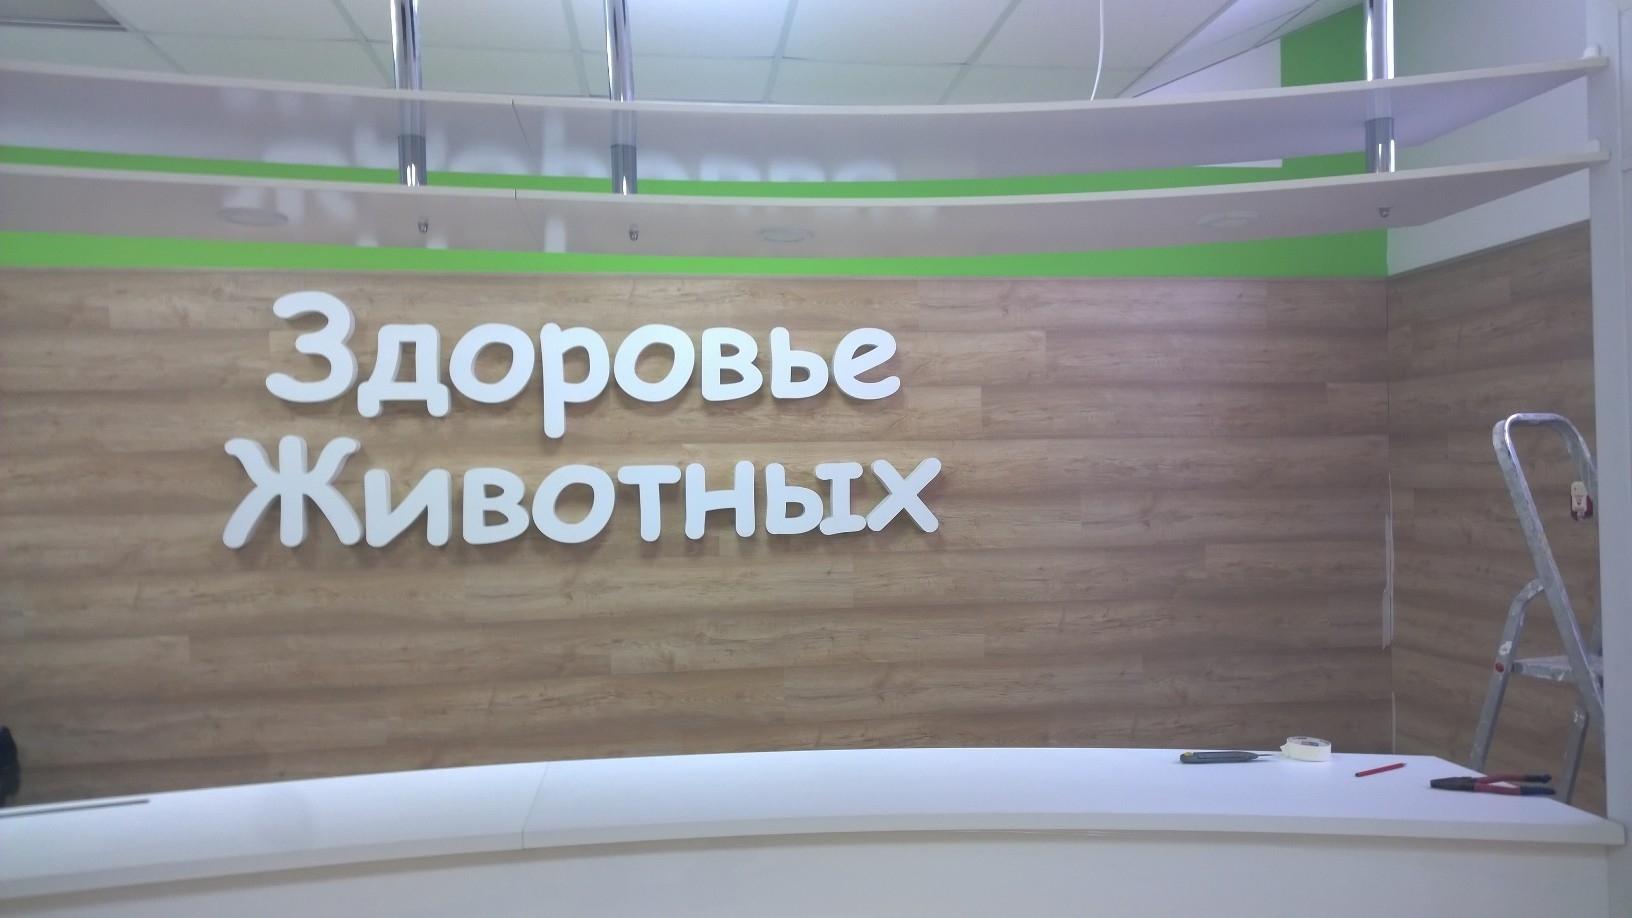 Объемные буквы для интерьерной рекламы